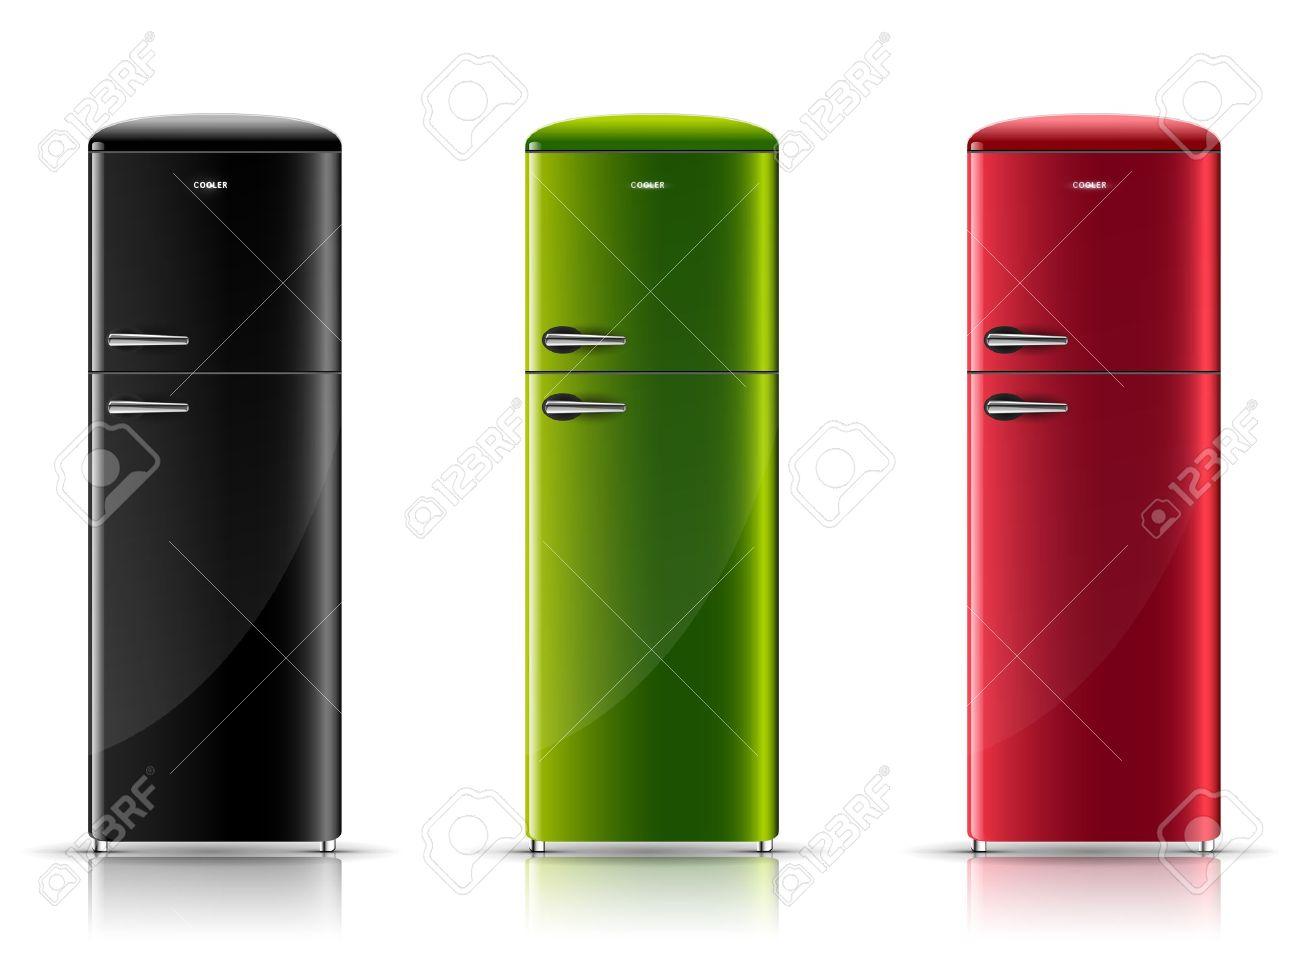 Retro Kühlschrank In Schwarz : Drei realistische retro kühlschrank schwarz grün und rot